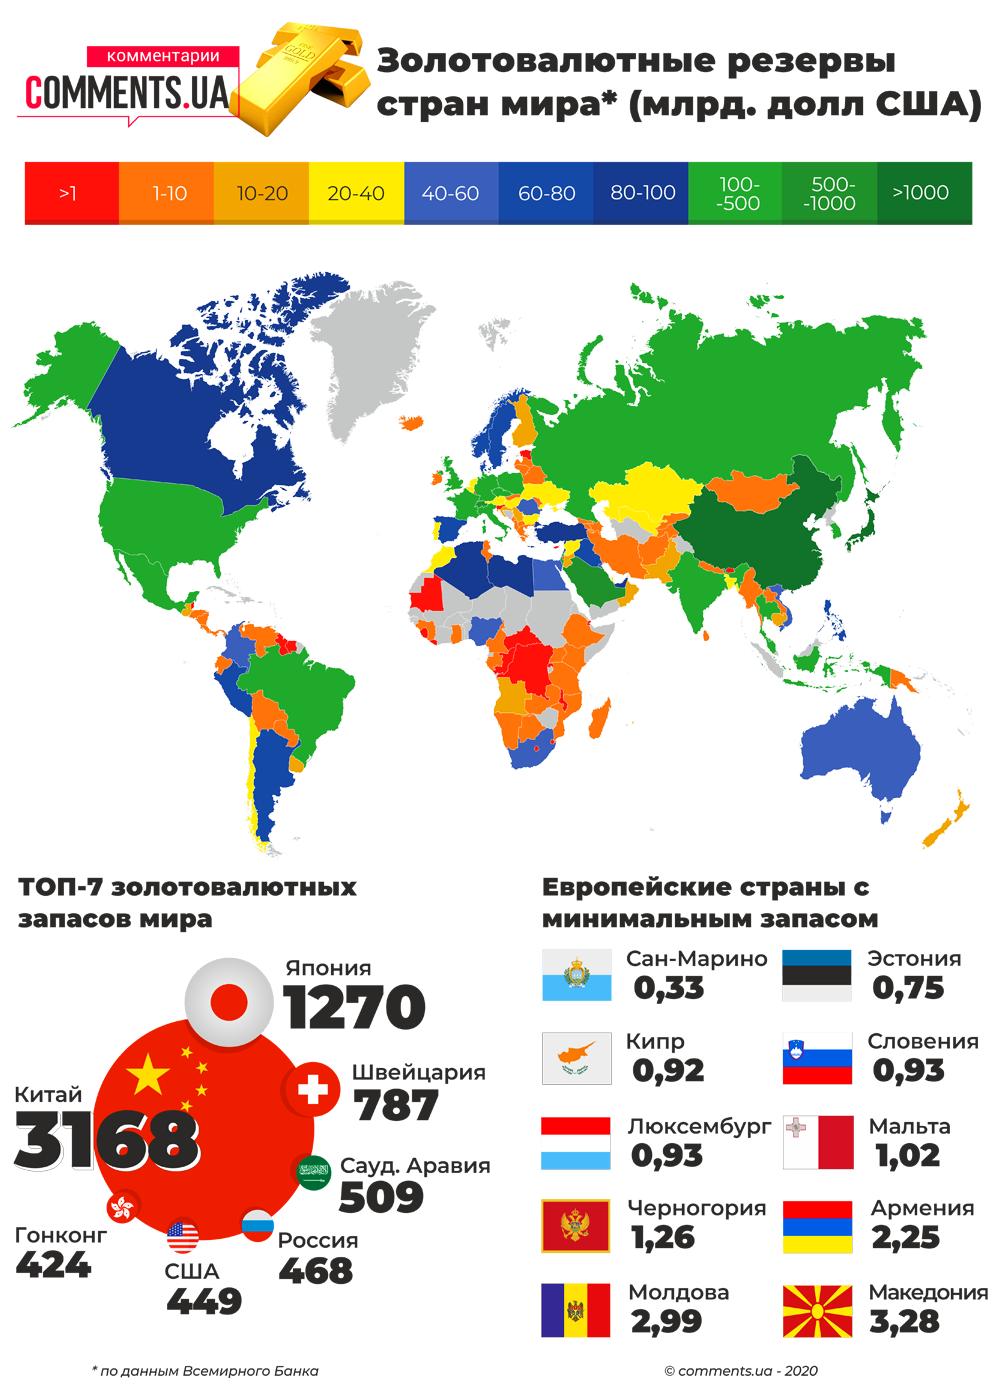 ТОП-7 стран по золотовалютным запасам в мире (инфографика)